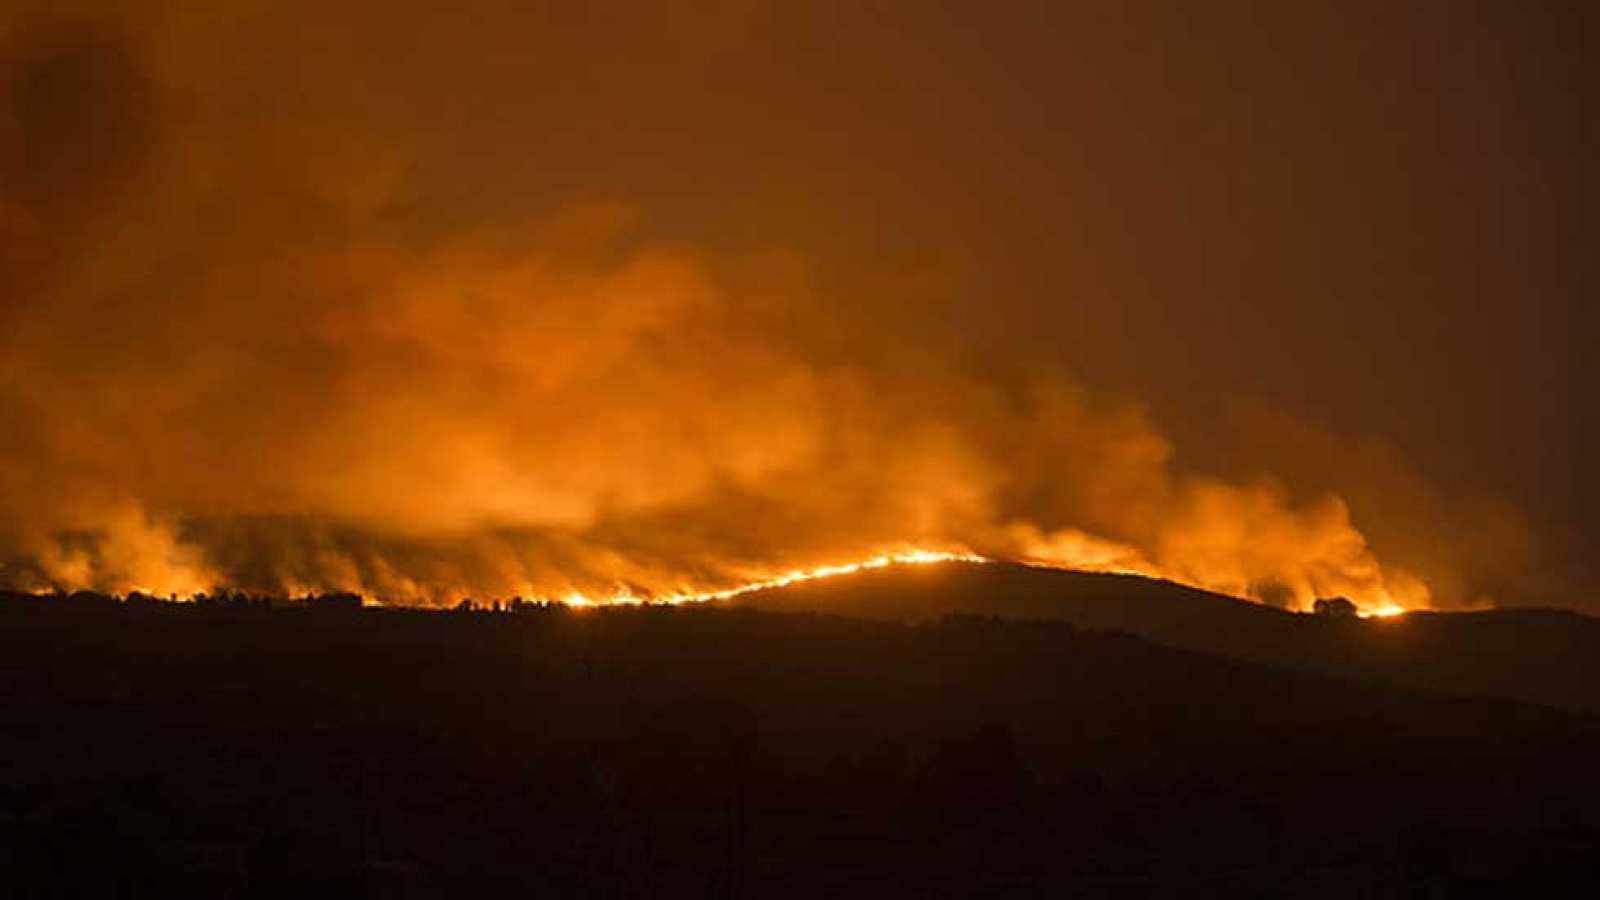 Galicia recupera la normalidad y solo se mantiene activo un incendio en Cualedro